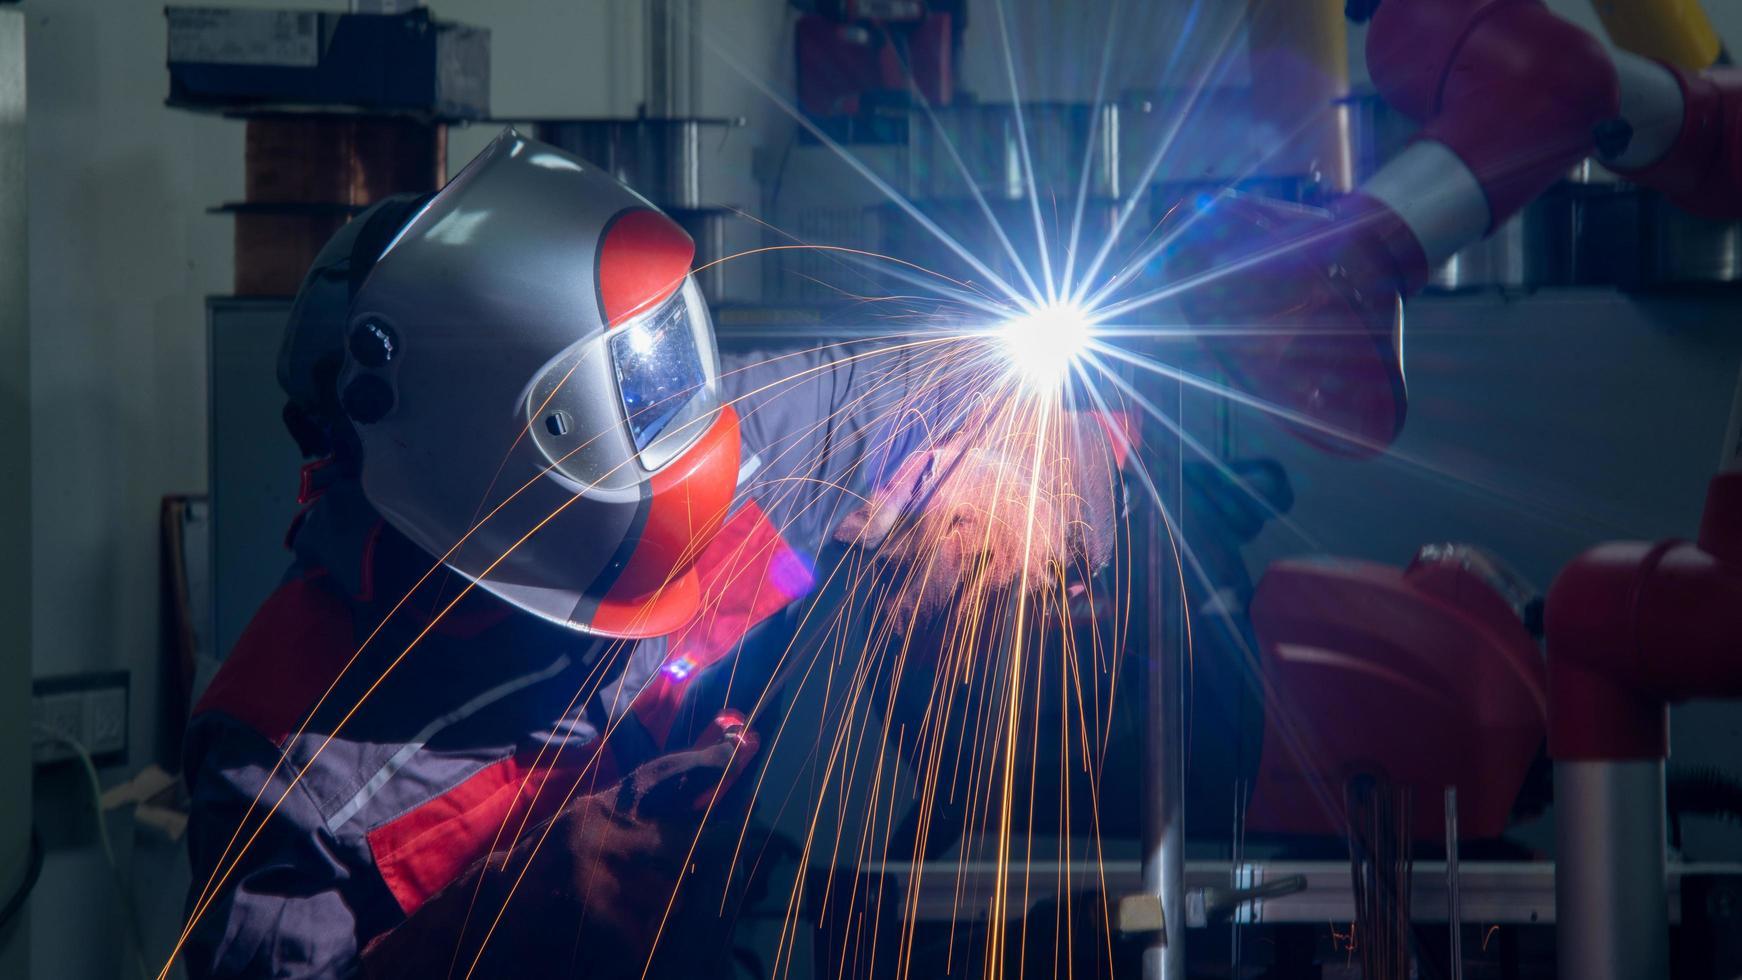 Soudeur soudant l'acier inoxydable à l'aide d'un processus d'arc au tungstène photo